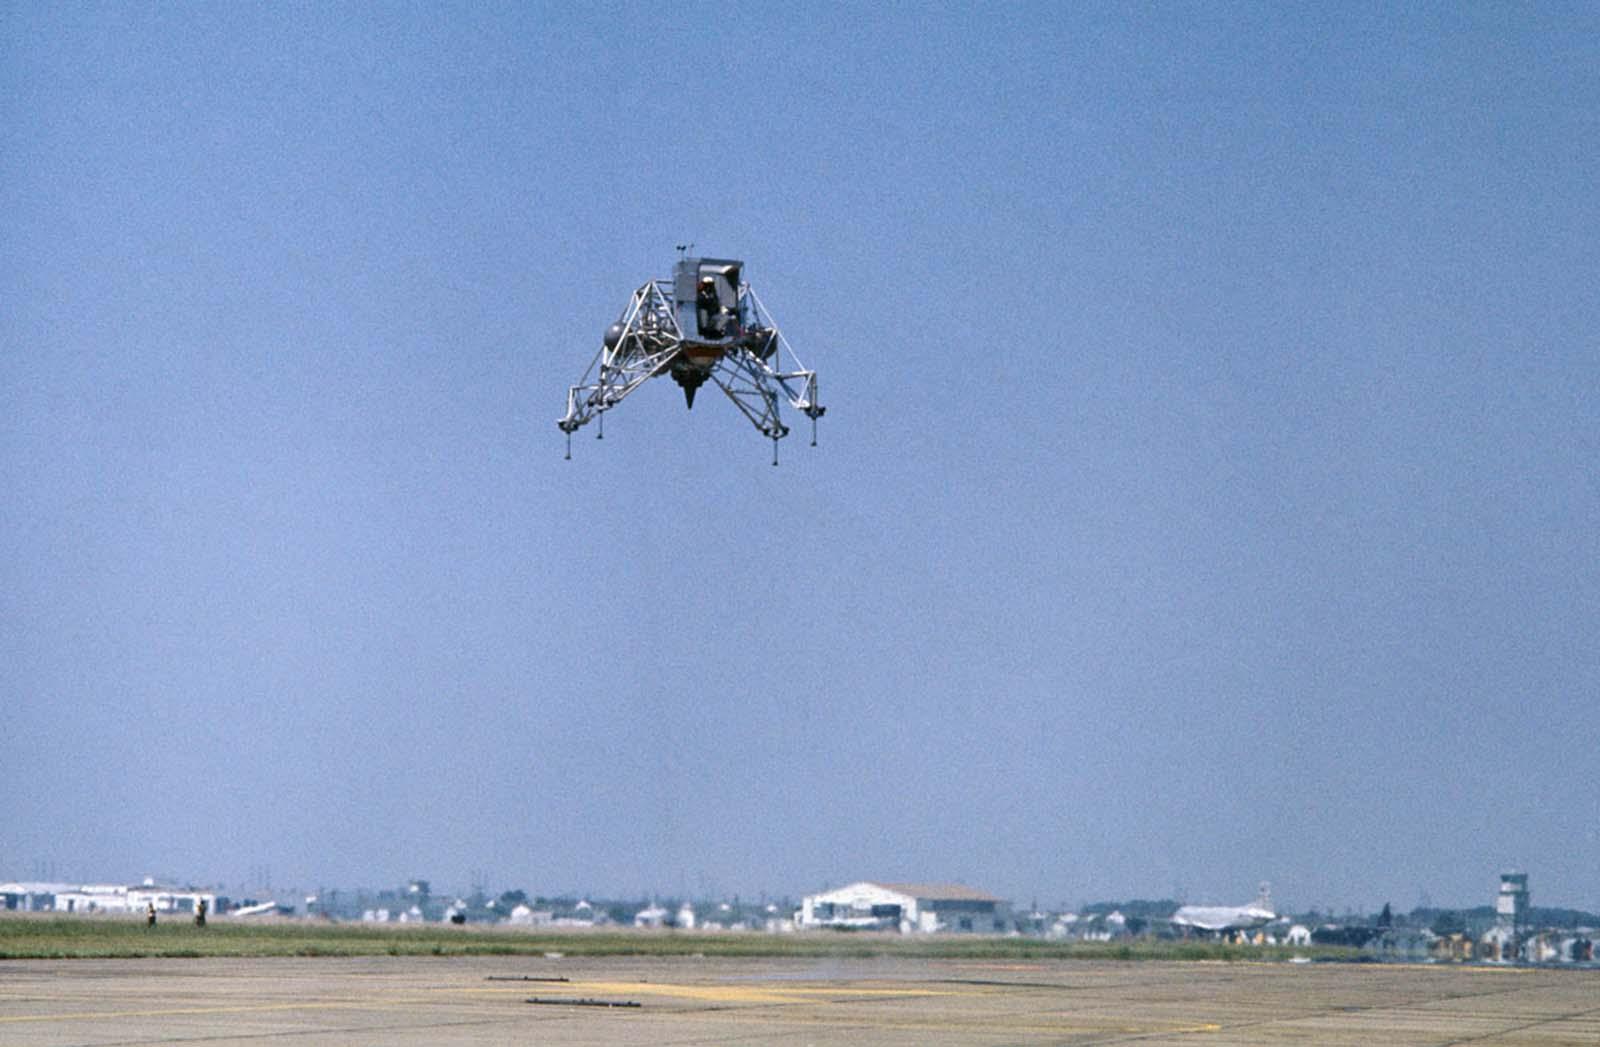 Apollo 11 preparation%2B%25286%2529 - Fotos raras da preparação de Neil Armstrong antes de ir a Lua